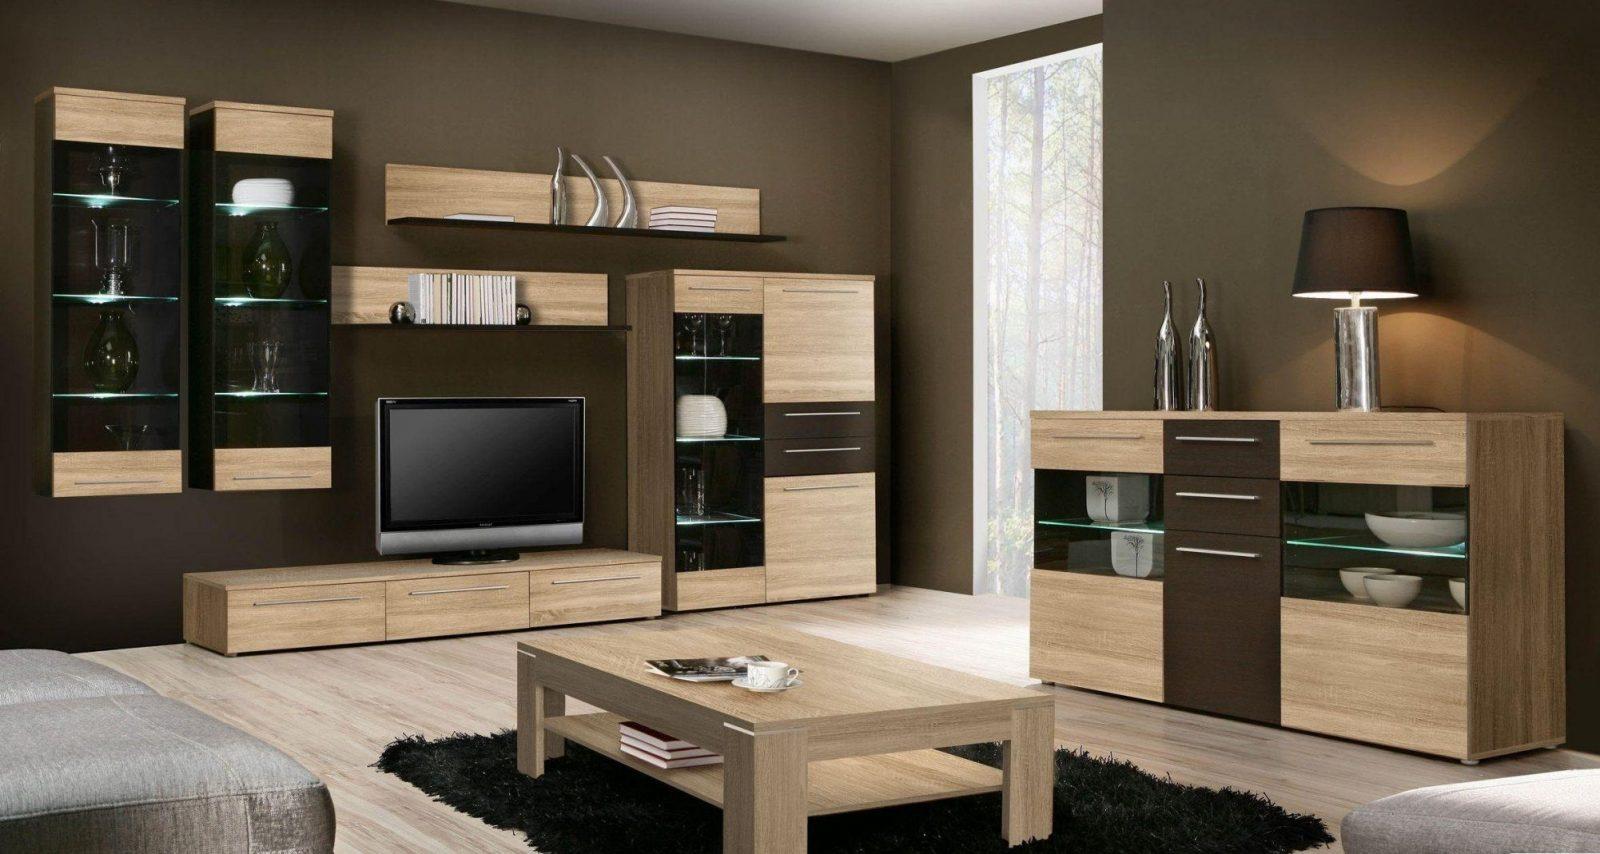 wnde neu gestalten excellent wohnzimmer wande neu gestalten wand modern s wohnzimmer wande neu. Black Bedroom Furniture Sets. Home Design Ideas